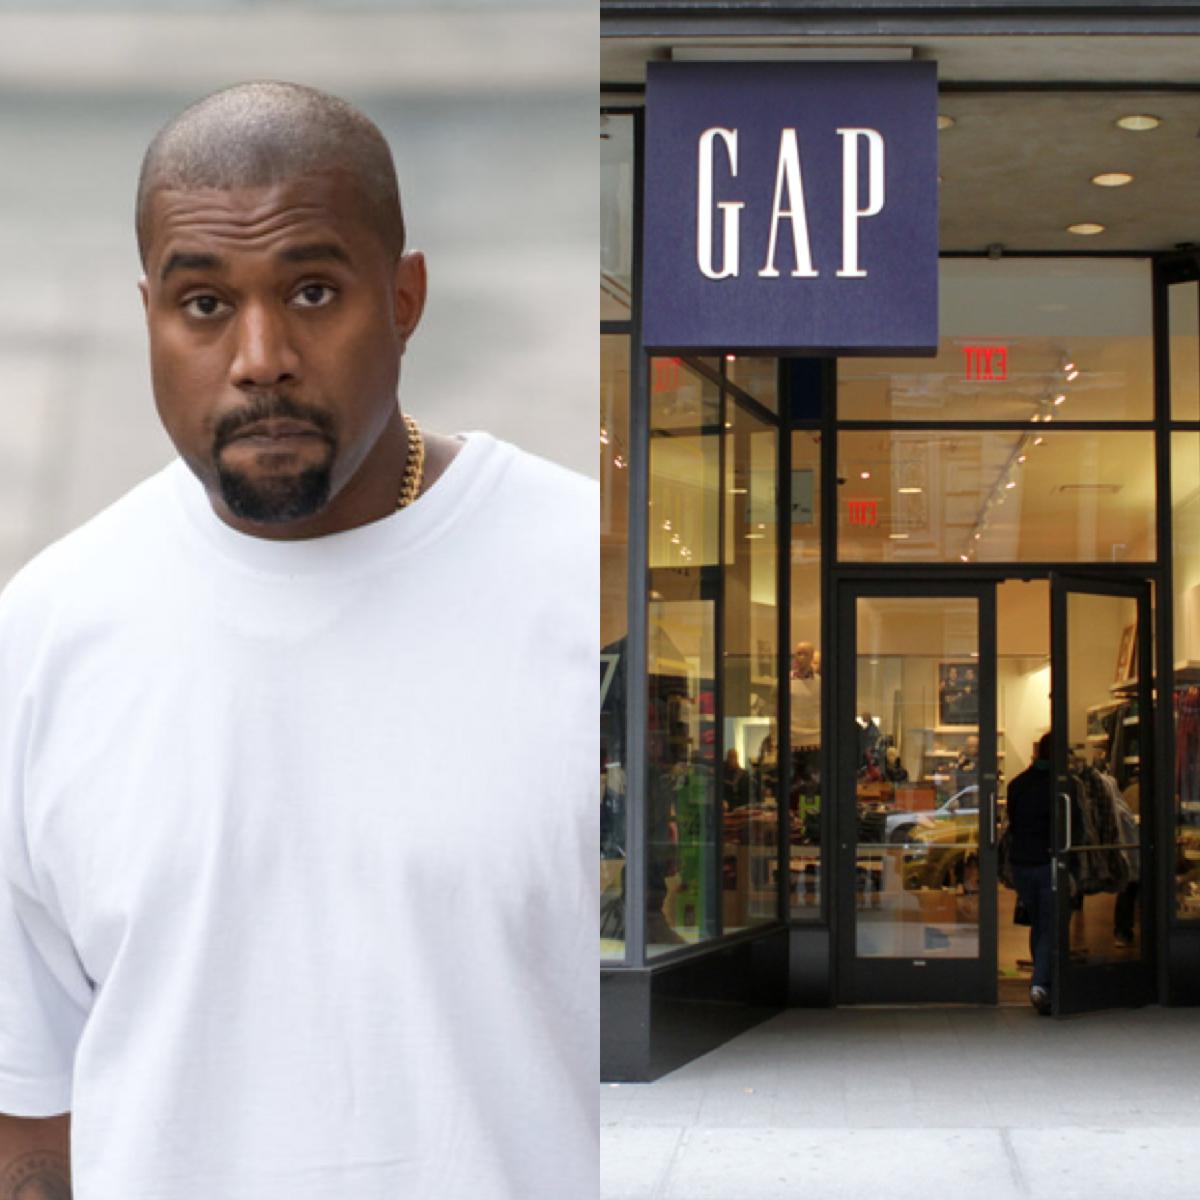 高校生のとき、アパレルブランド「ギャップ」の店員をしていたカニエ・ウエスト(41)。現在では自身のブランドを立ち上げているカニエもギャップに対しては並々ならぬ思い入れがあるようで、「また働きたい」とコメントしている。